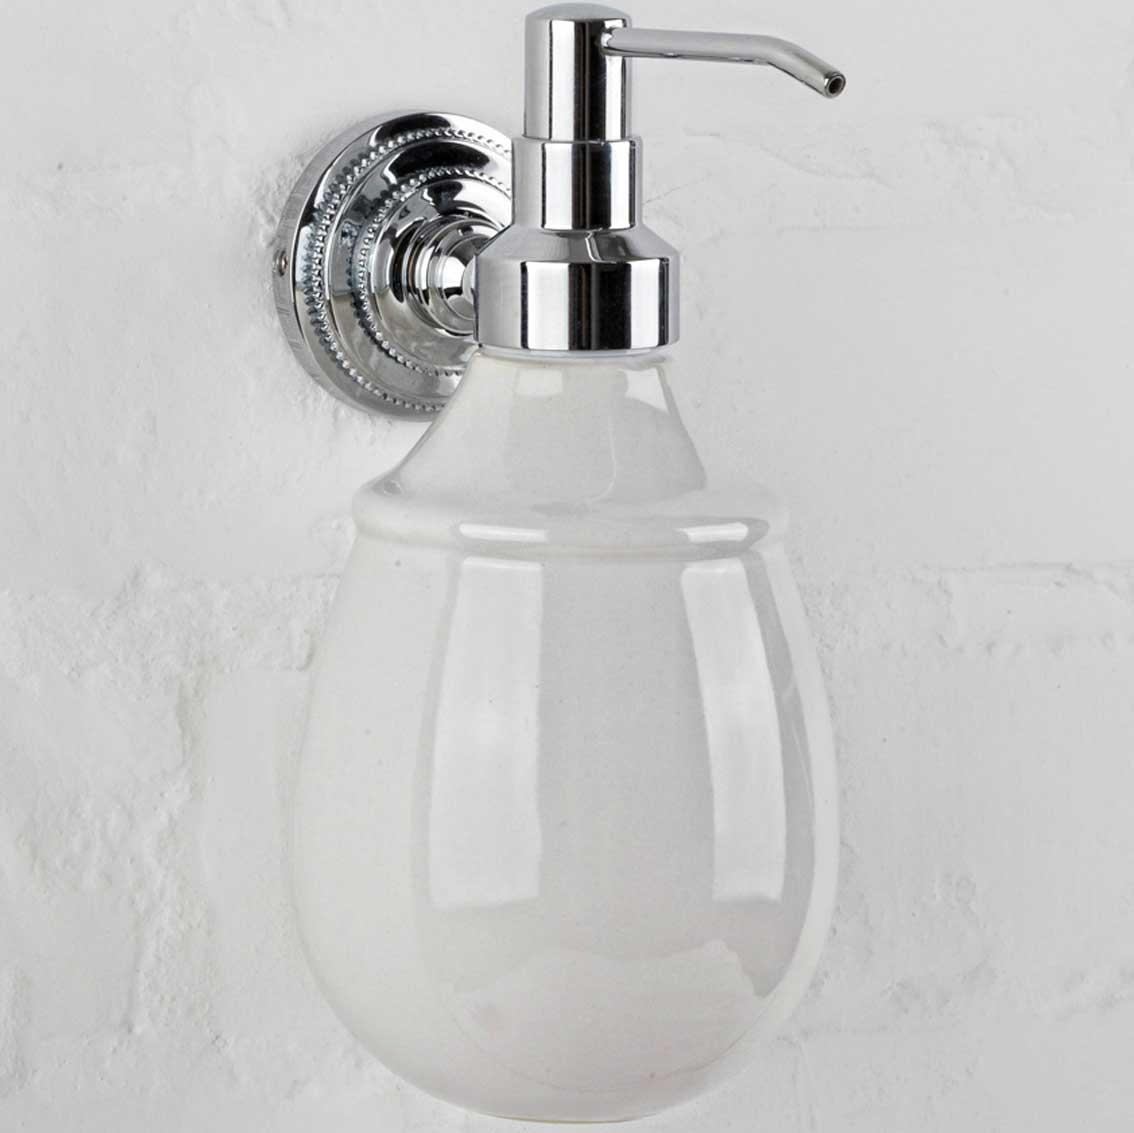 alis Дозатор для жидкого мыла настенный Alis Versace A214040K